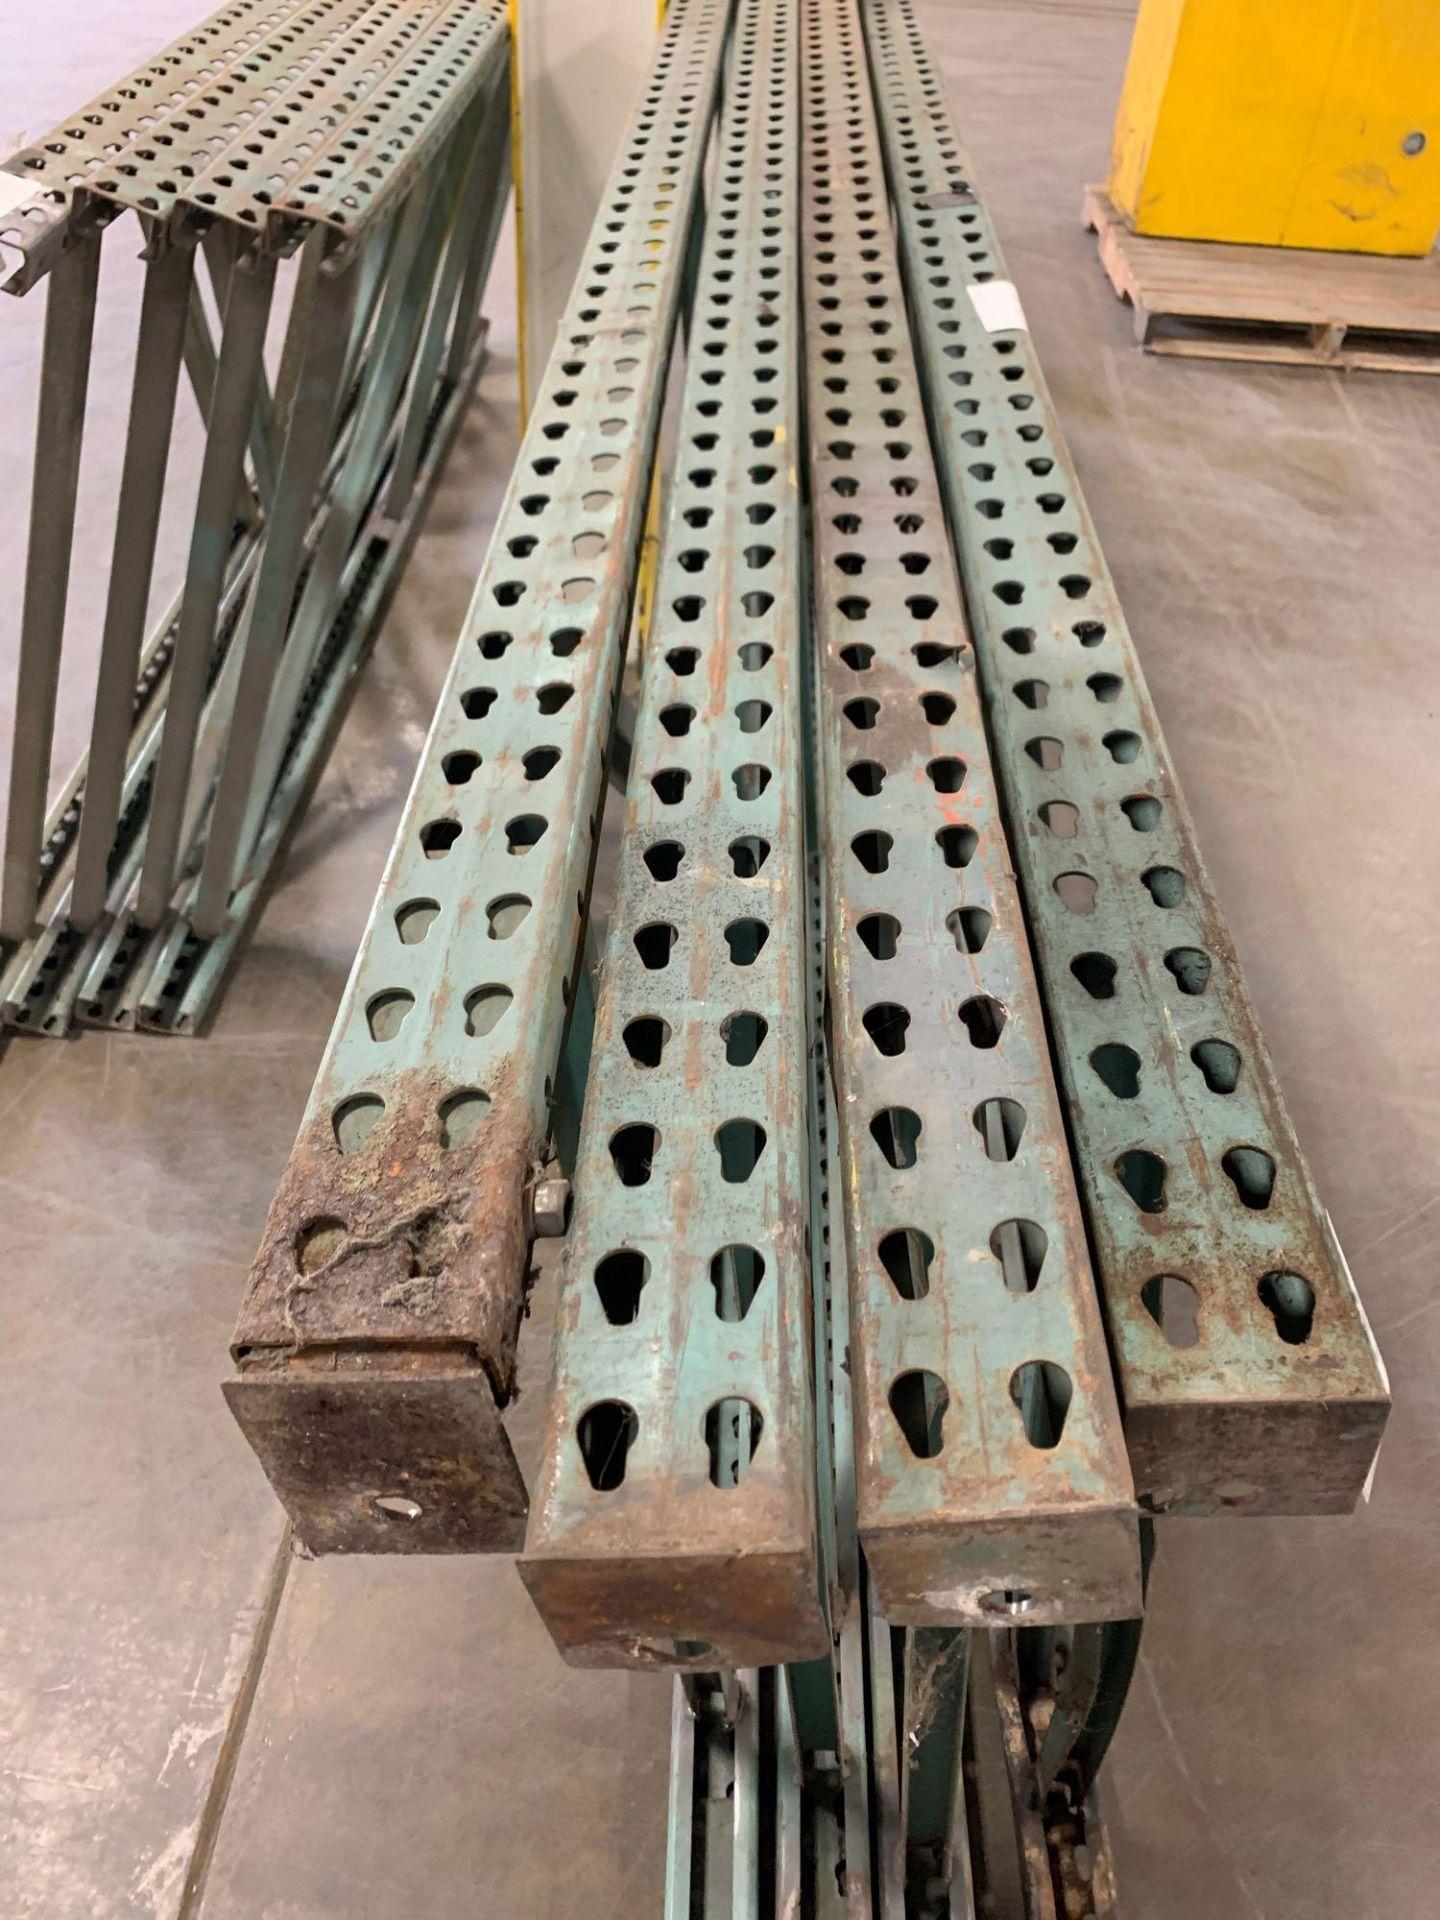 (4) Pallet Rack Uprights - Image 2 of 3